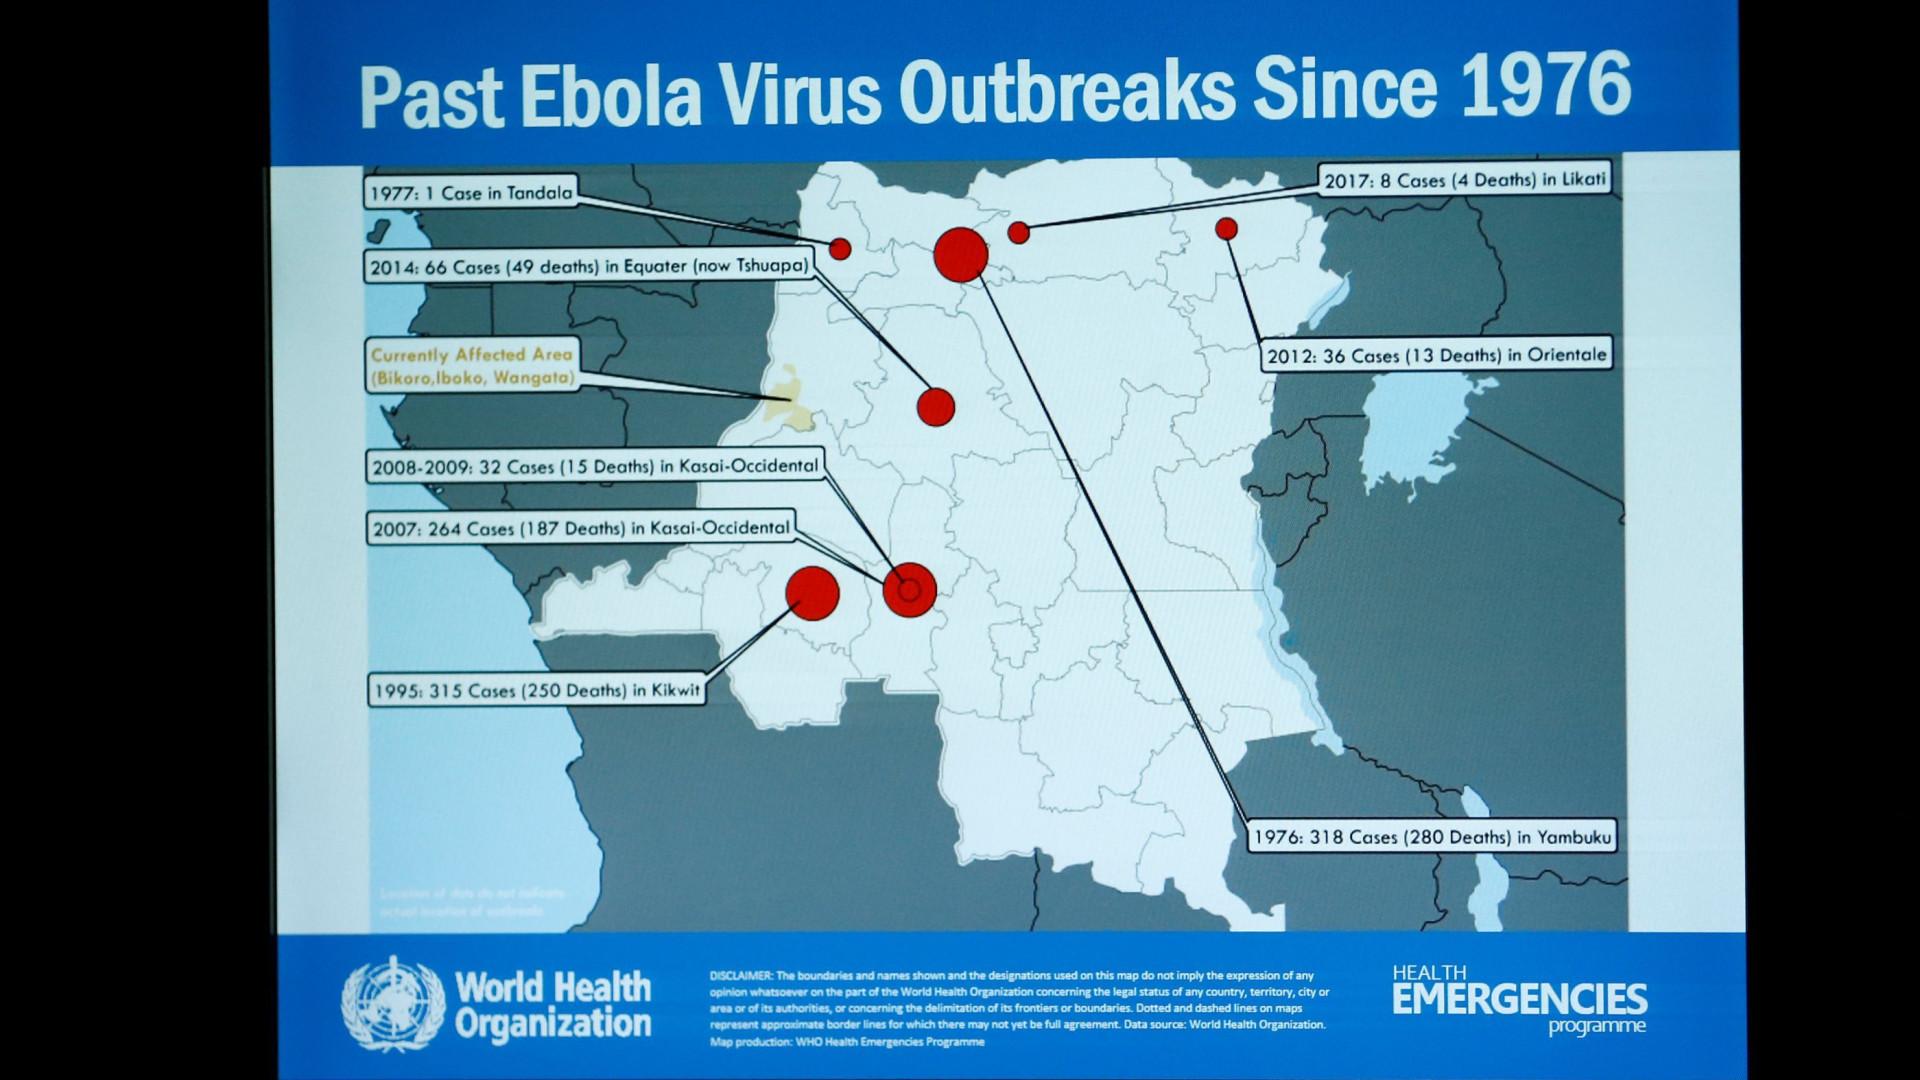 Três doentes fogem do hospital e ameaçam esforços de contenção de Ébola